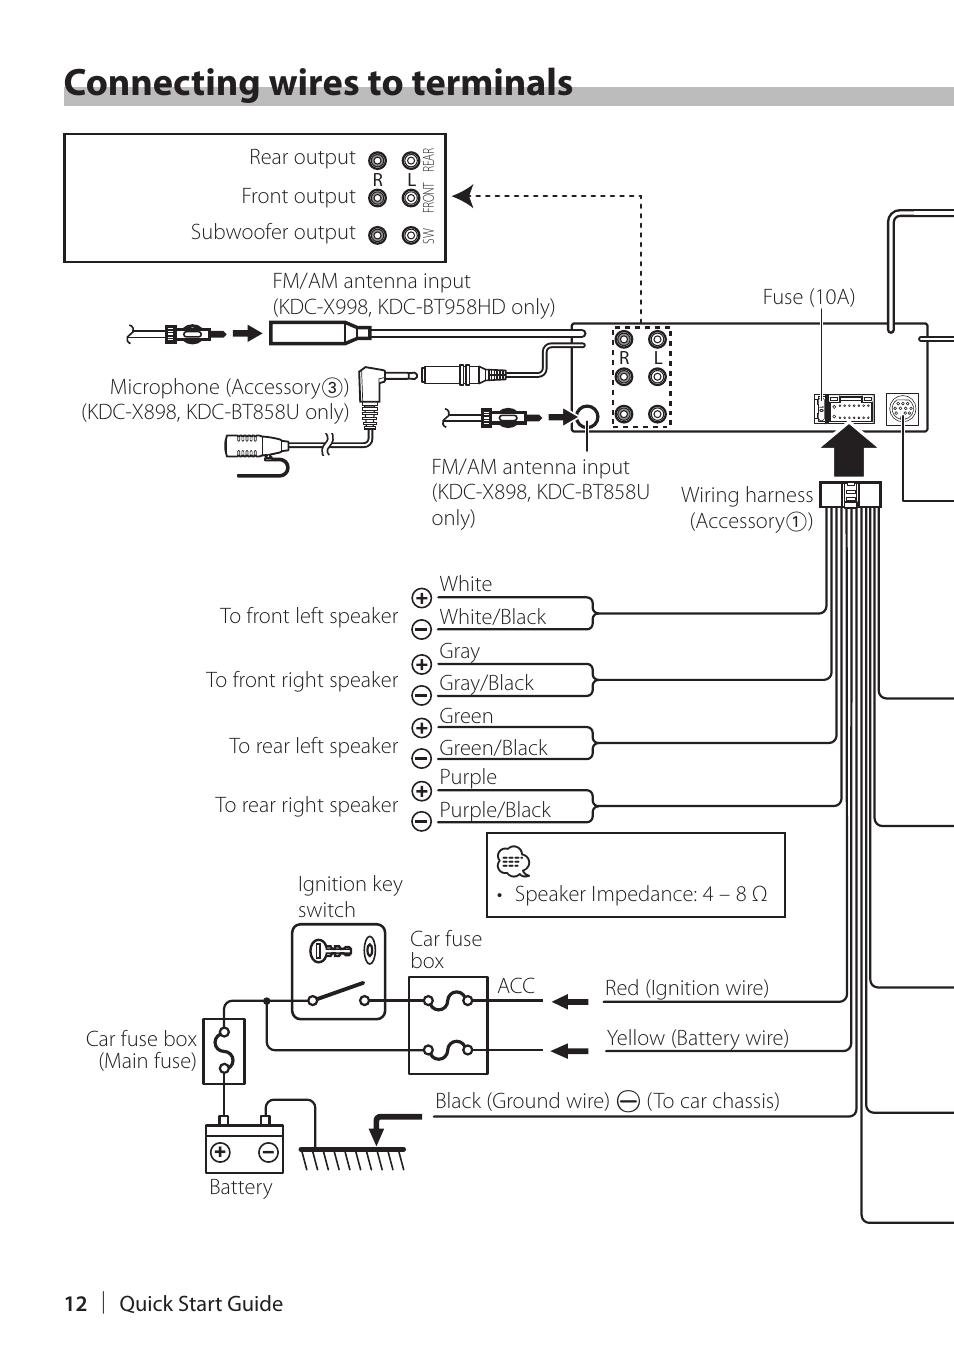 kenwood dnx wire diagram ver wiring diagram rh 5 kjfdsq kizilaymadensuyu de  kenwood dnx6160 wiring diagram